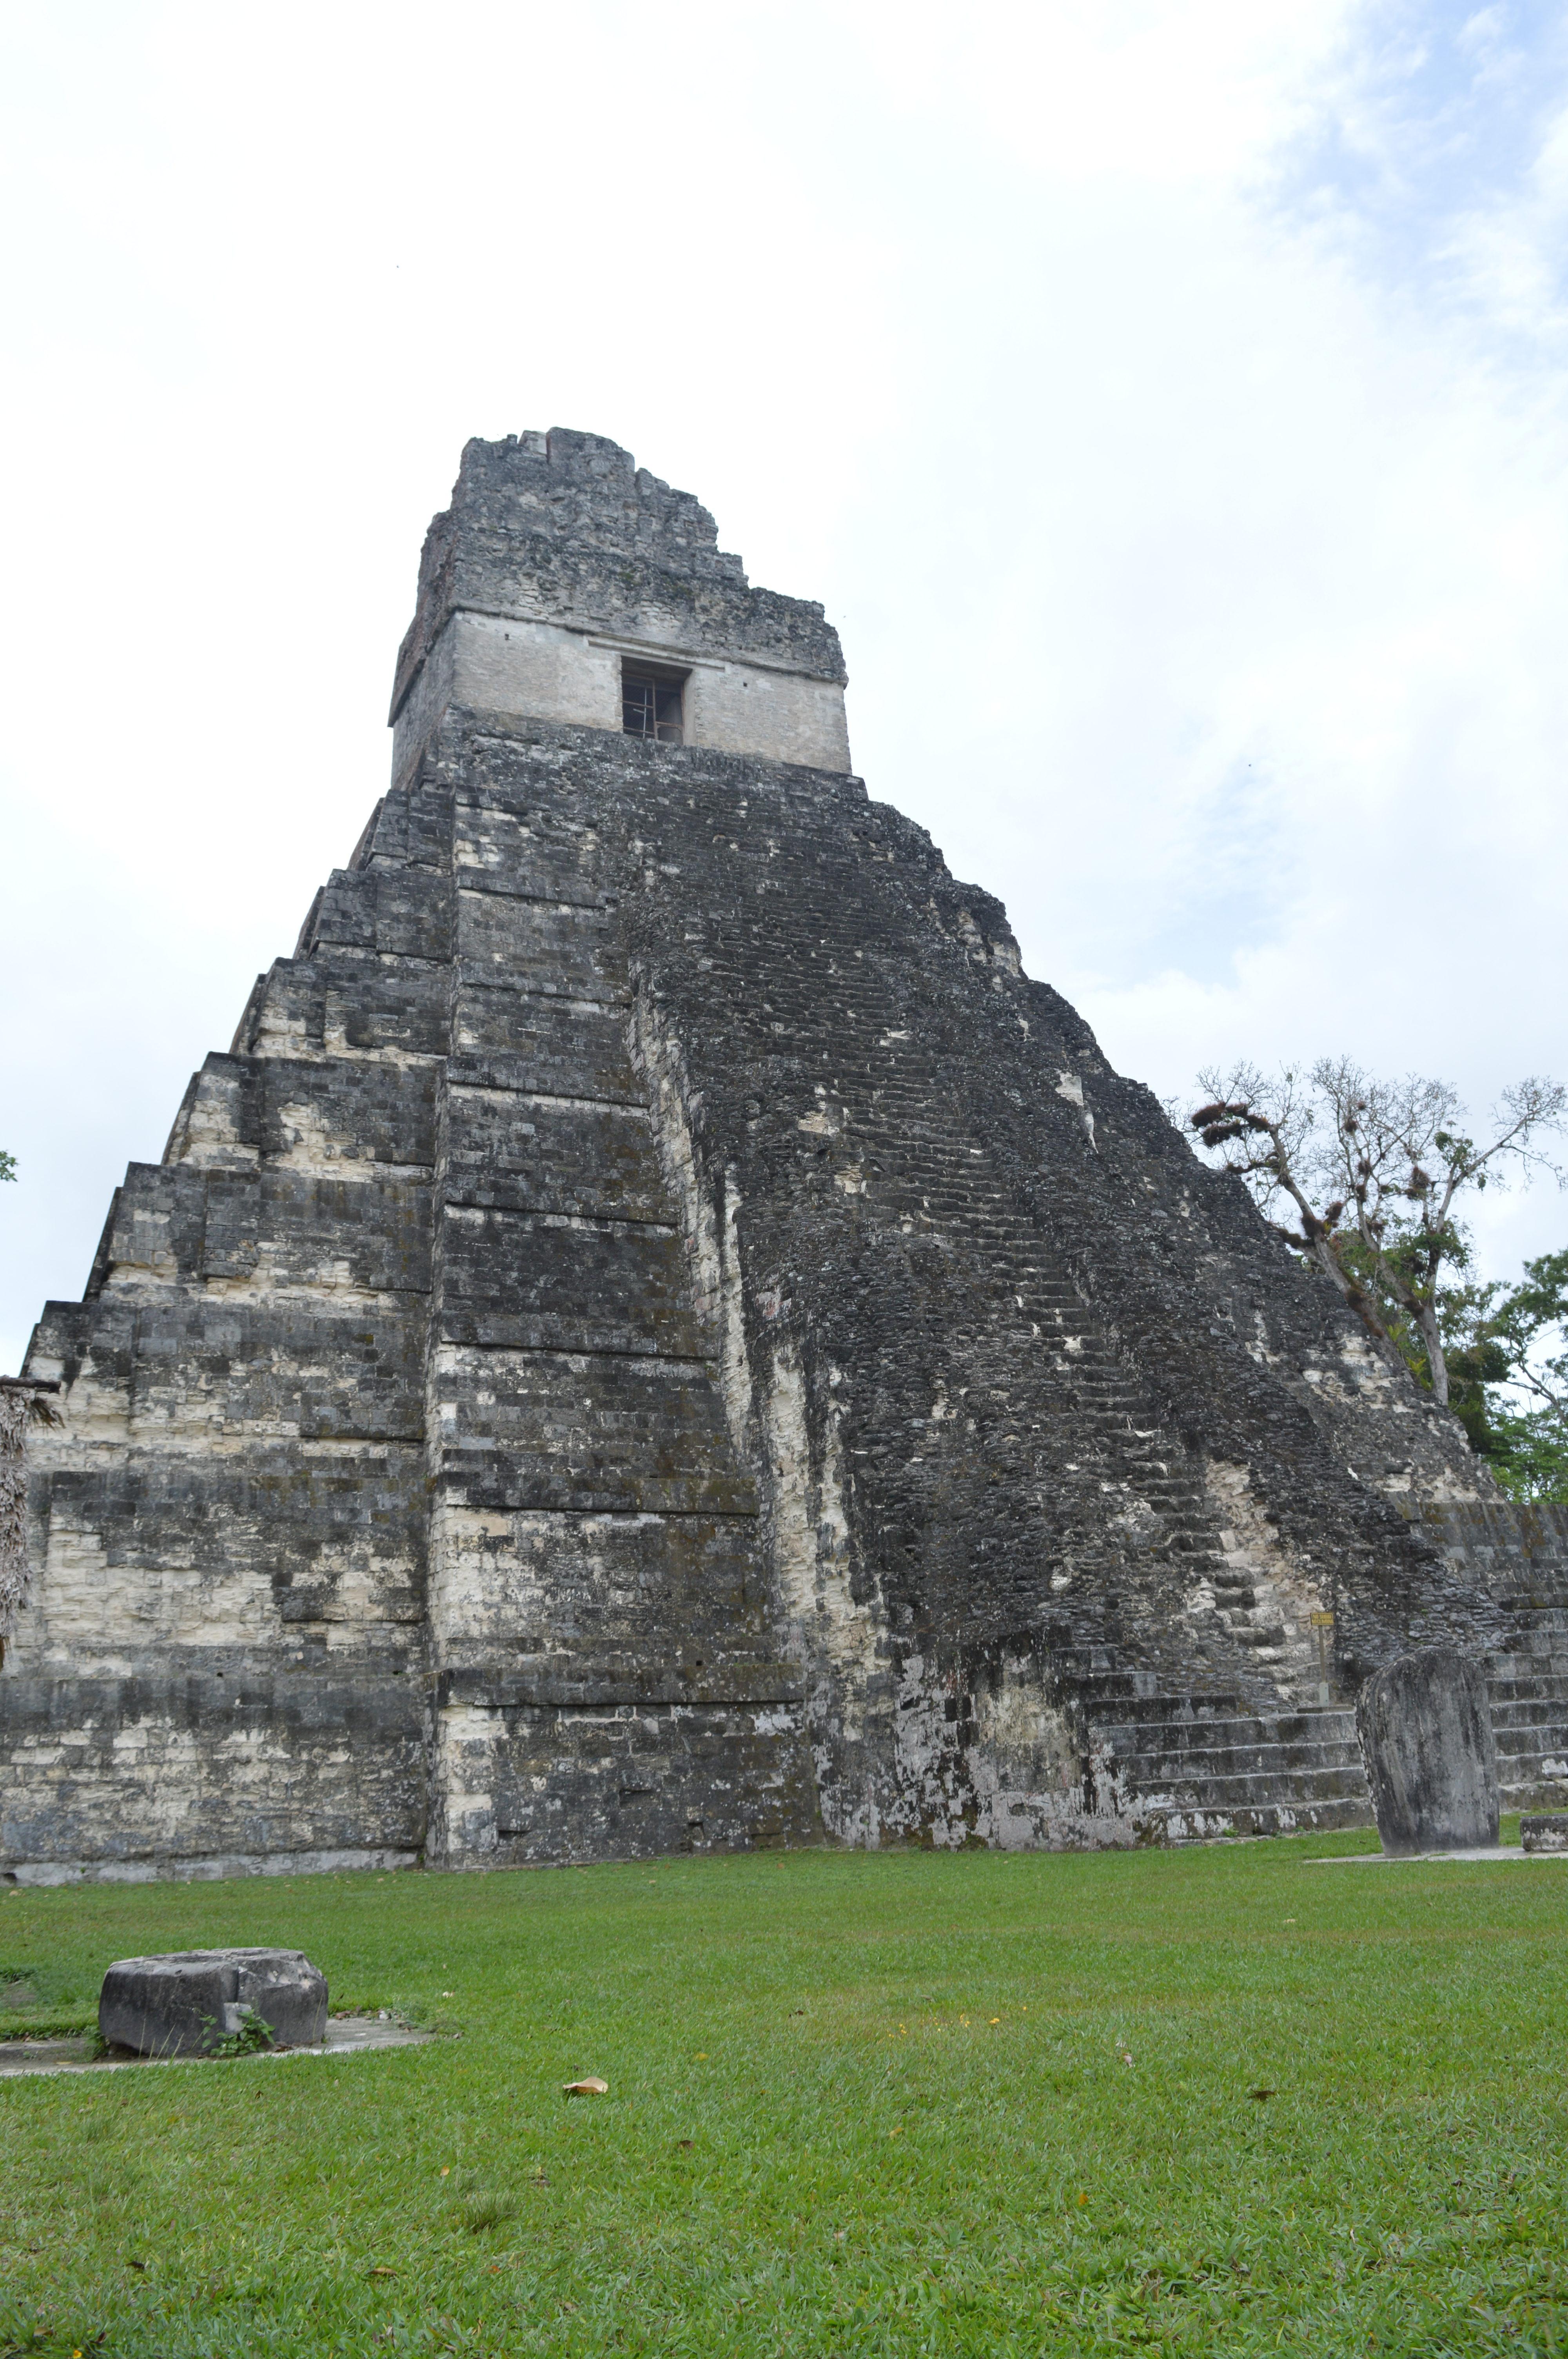 Tikal, la principal ciudad del imperio Maya | Jonathan Flores | BBCL en Guatemala